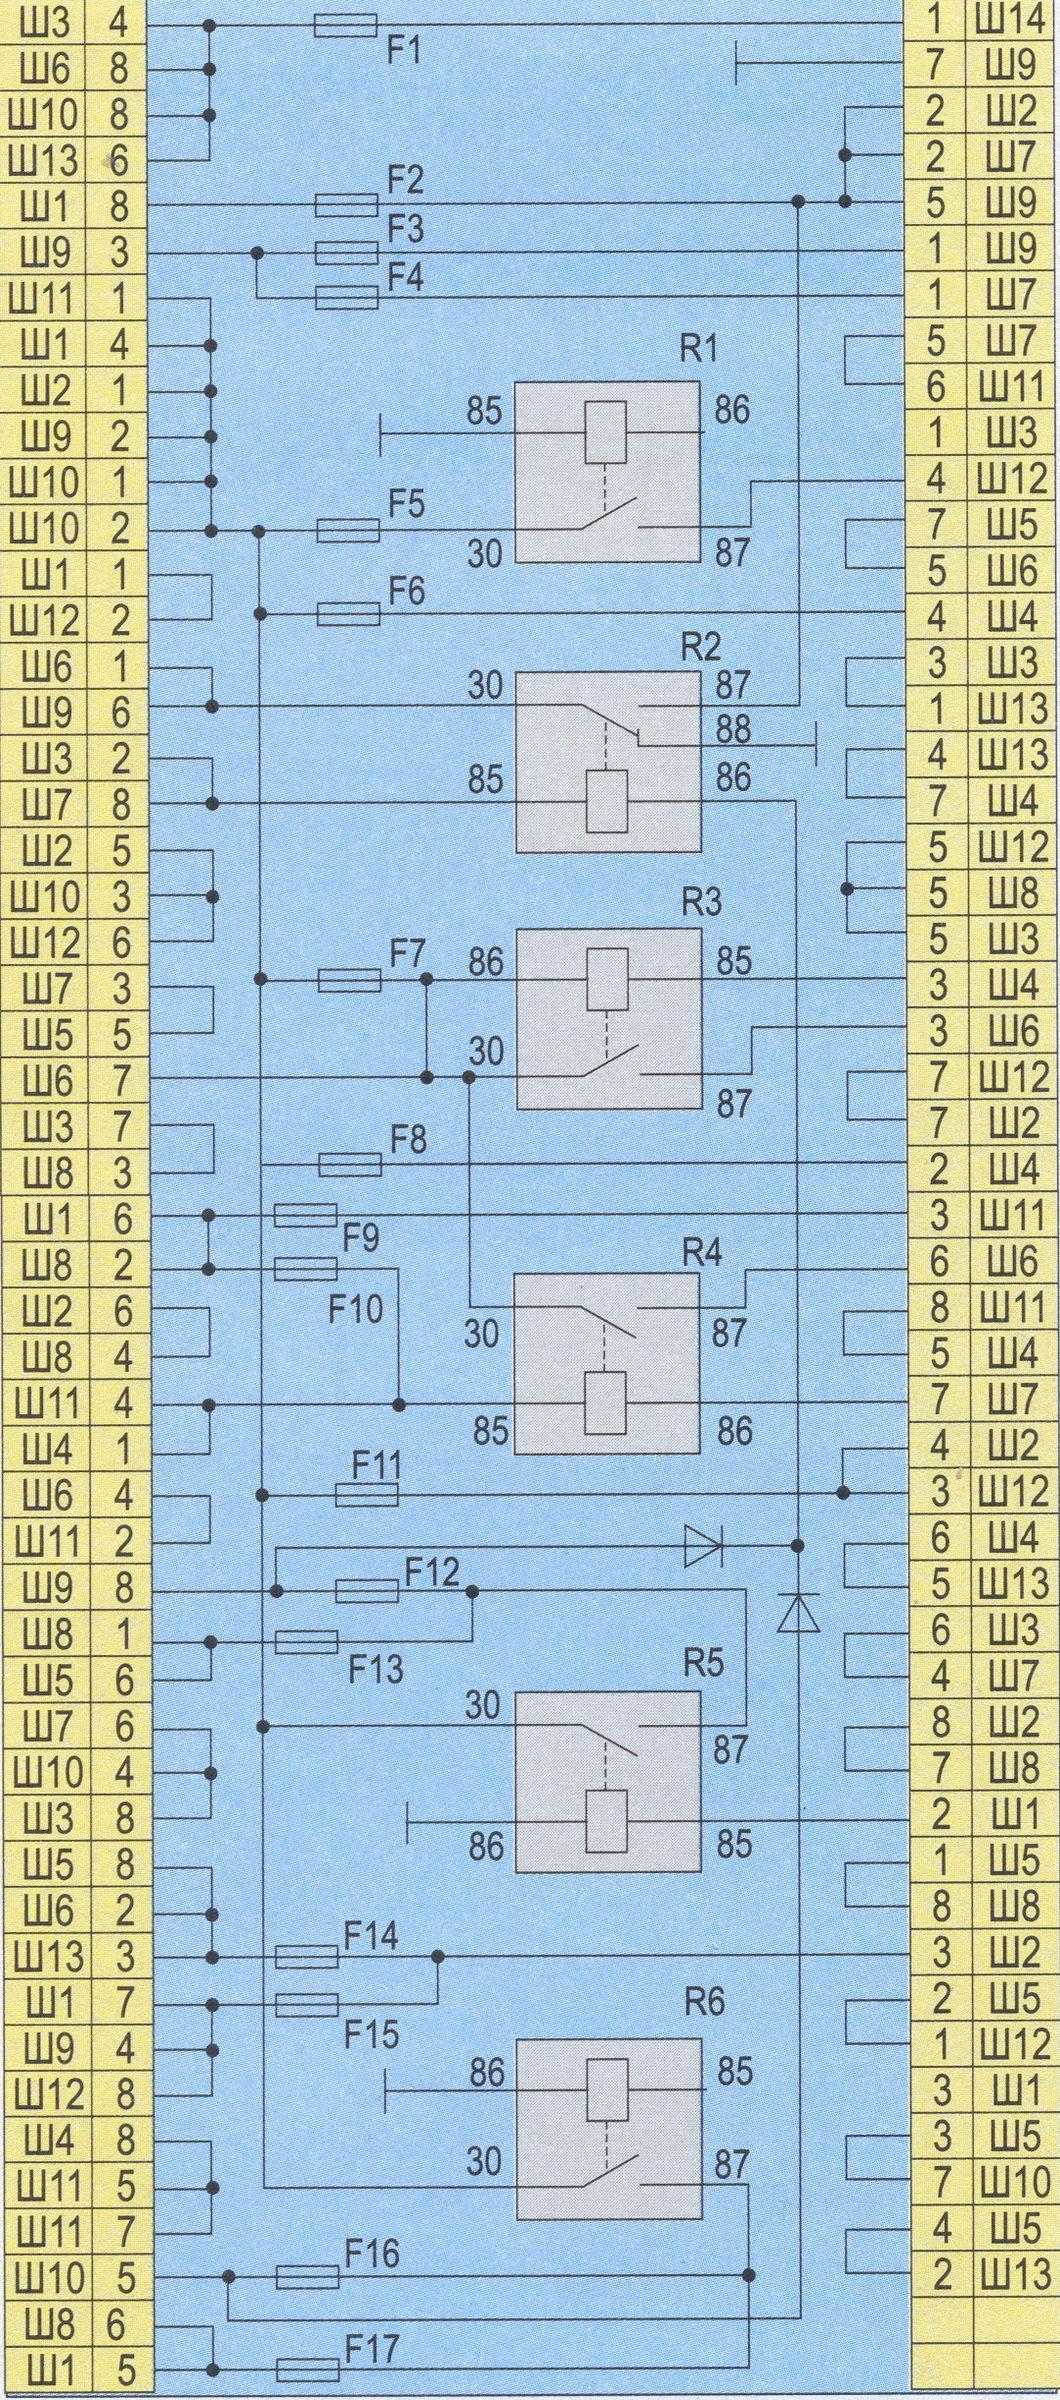 Электрическая схема монтажного блока реле и предохранителей автомобиля ВАЗ-2107.